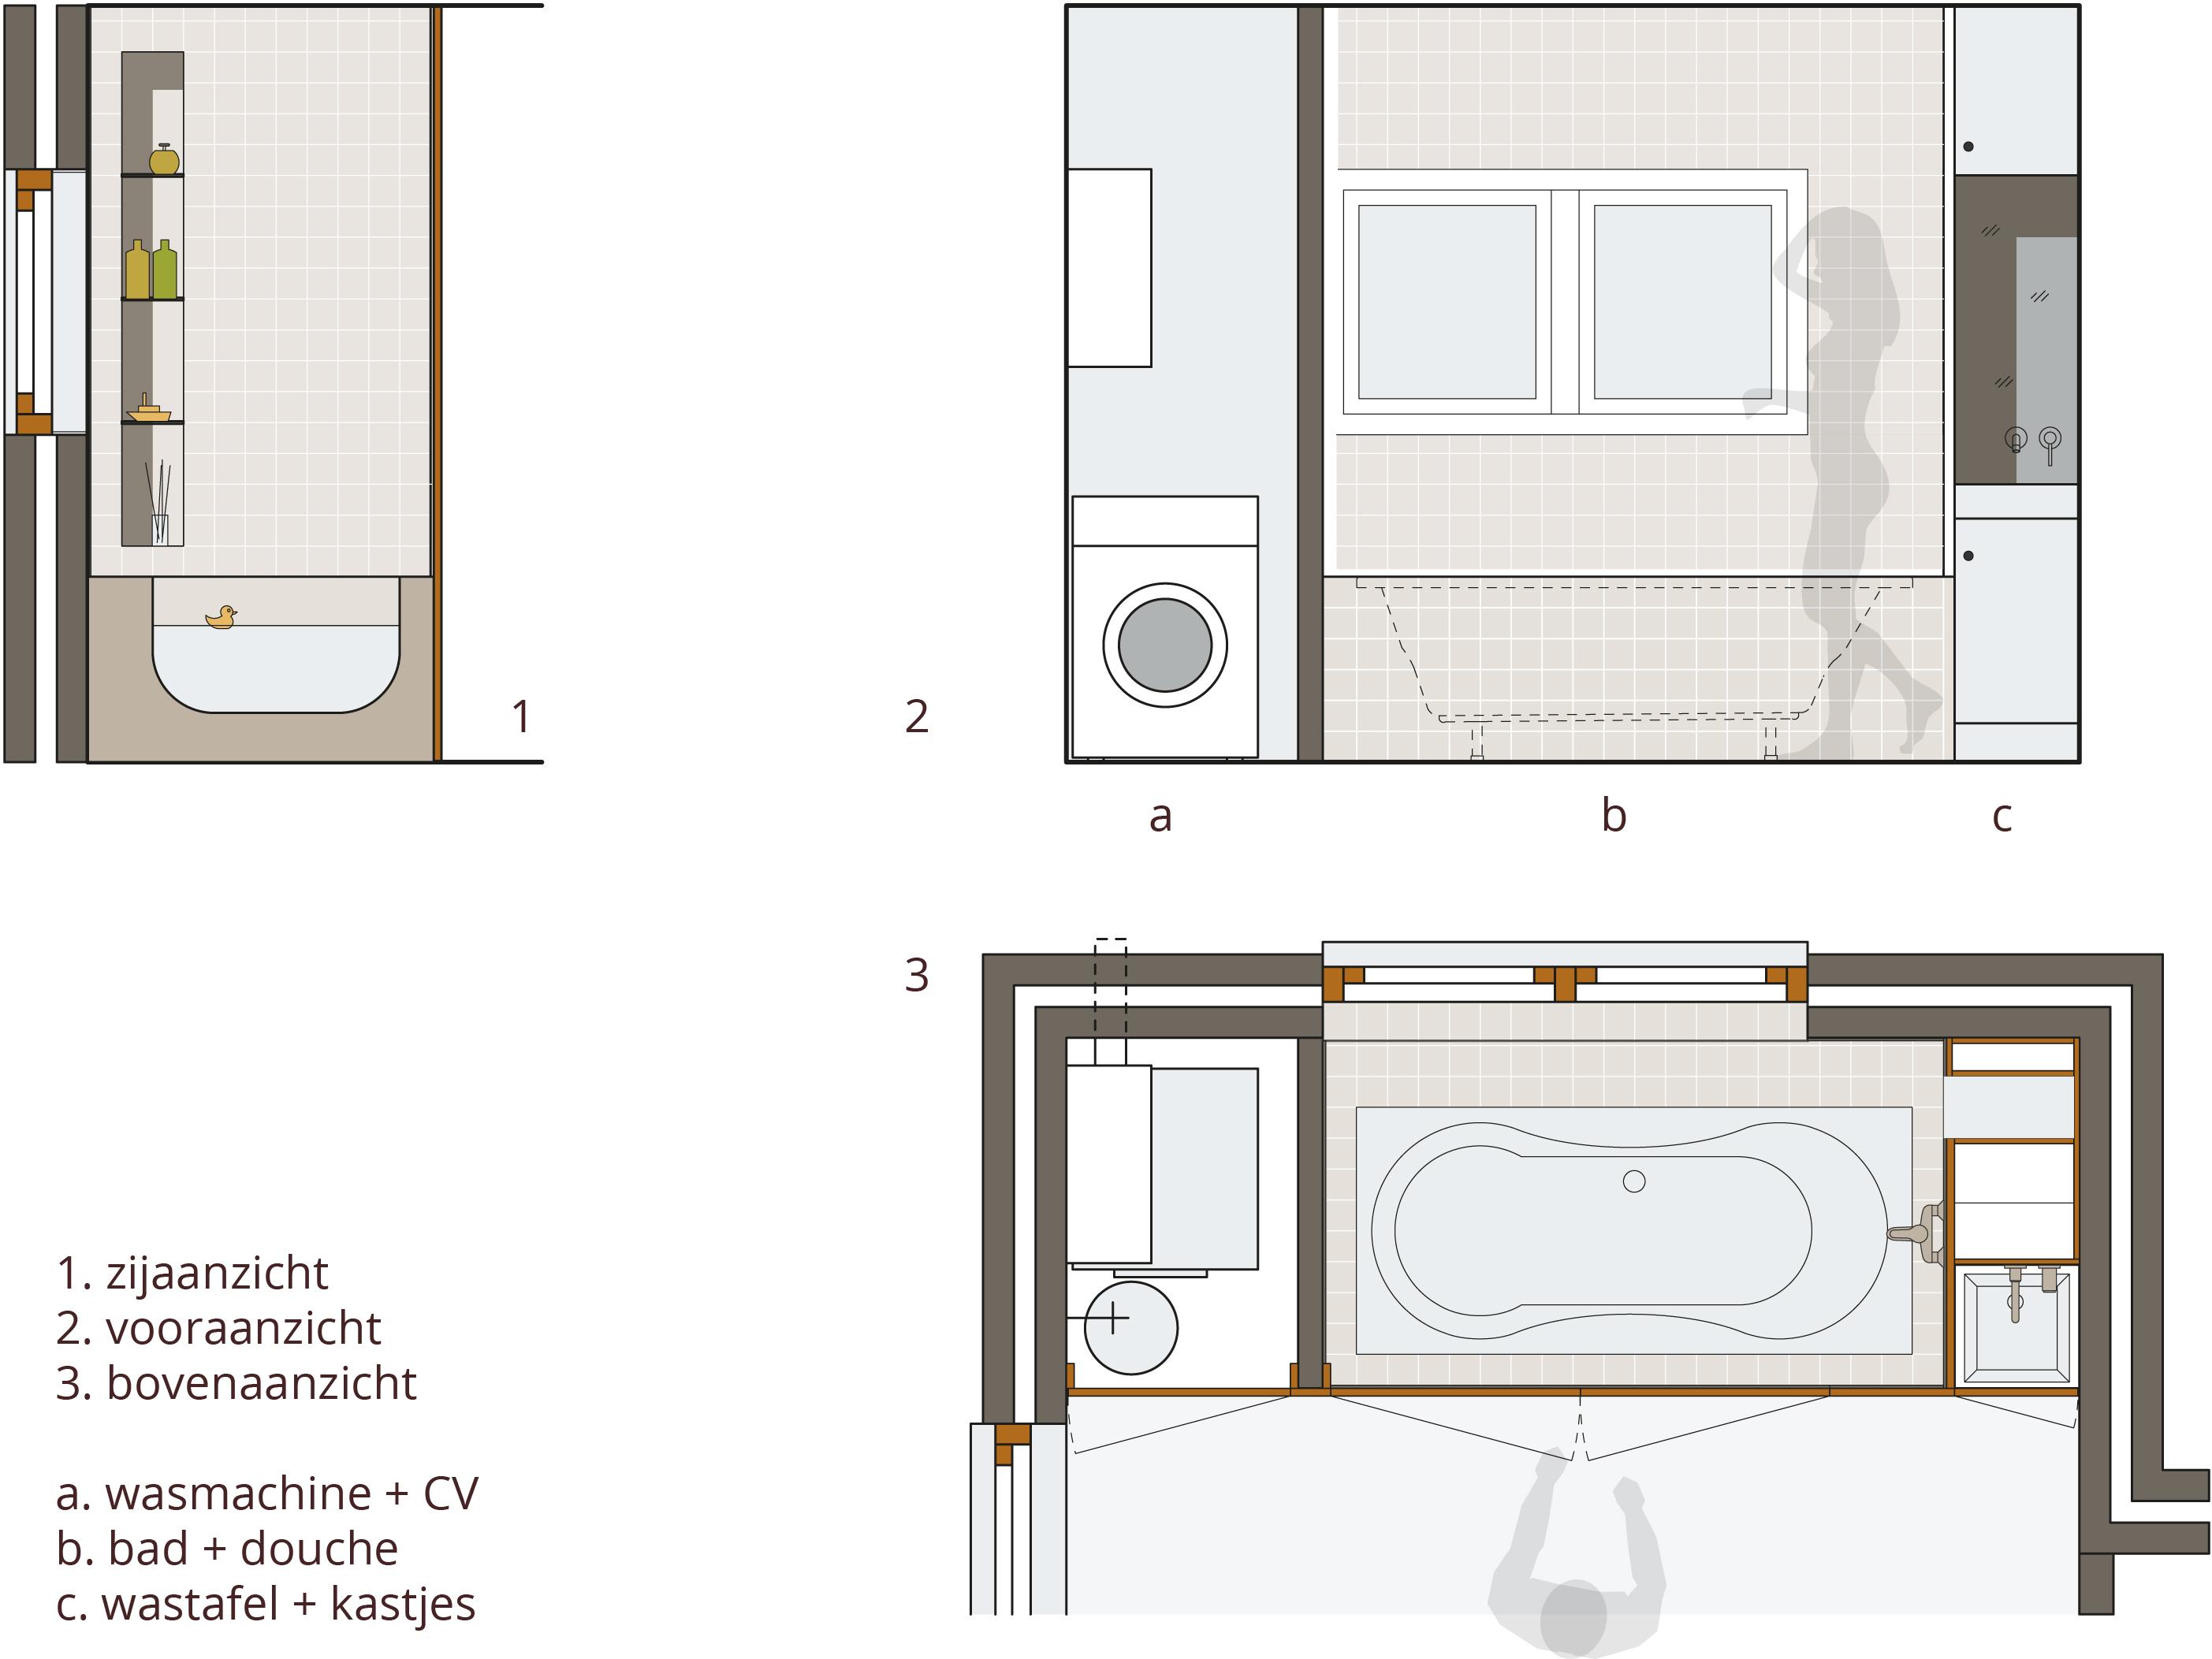 tekening_badkamer warmond_hans klanker architect